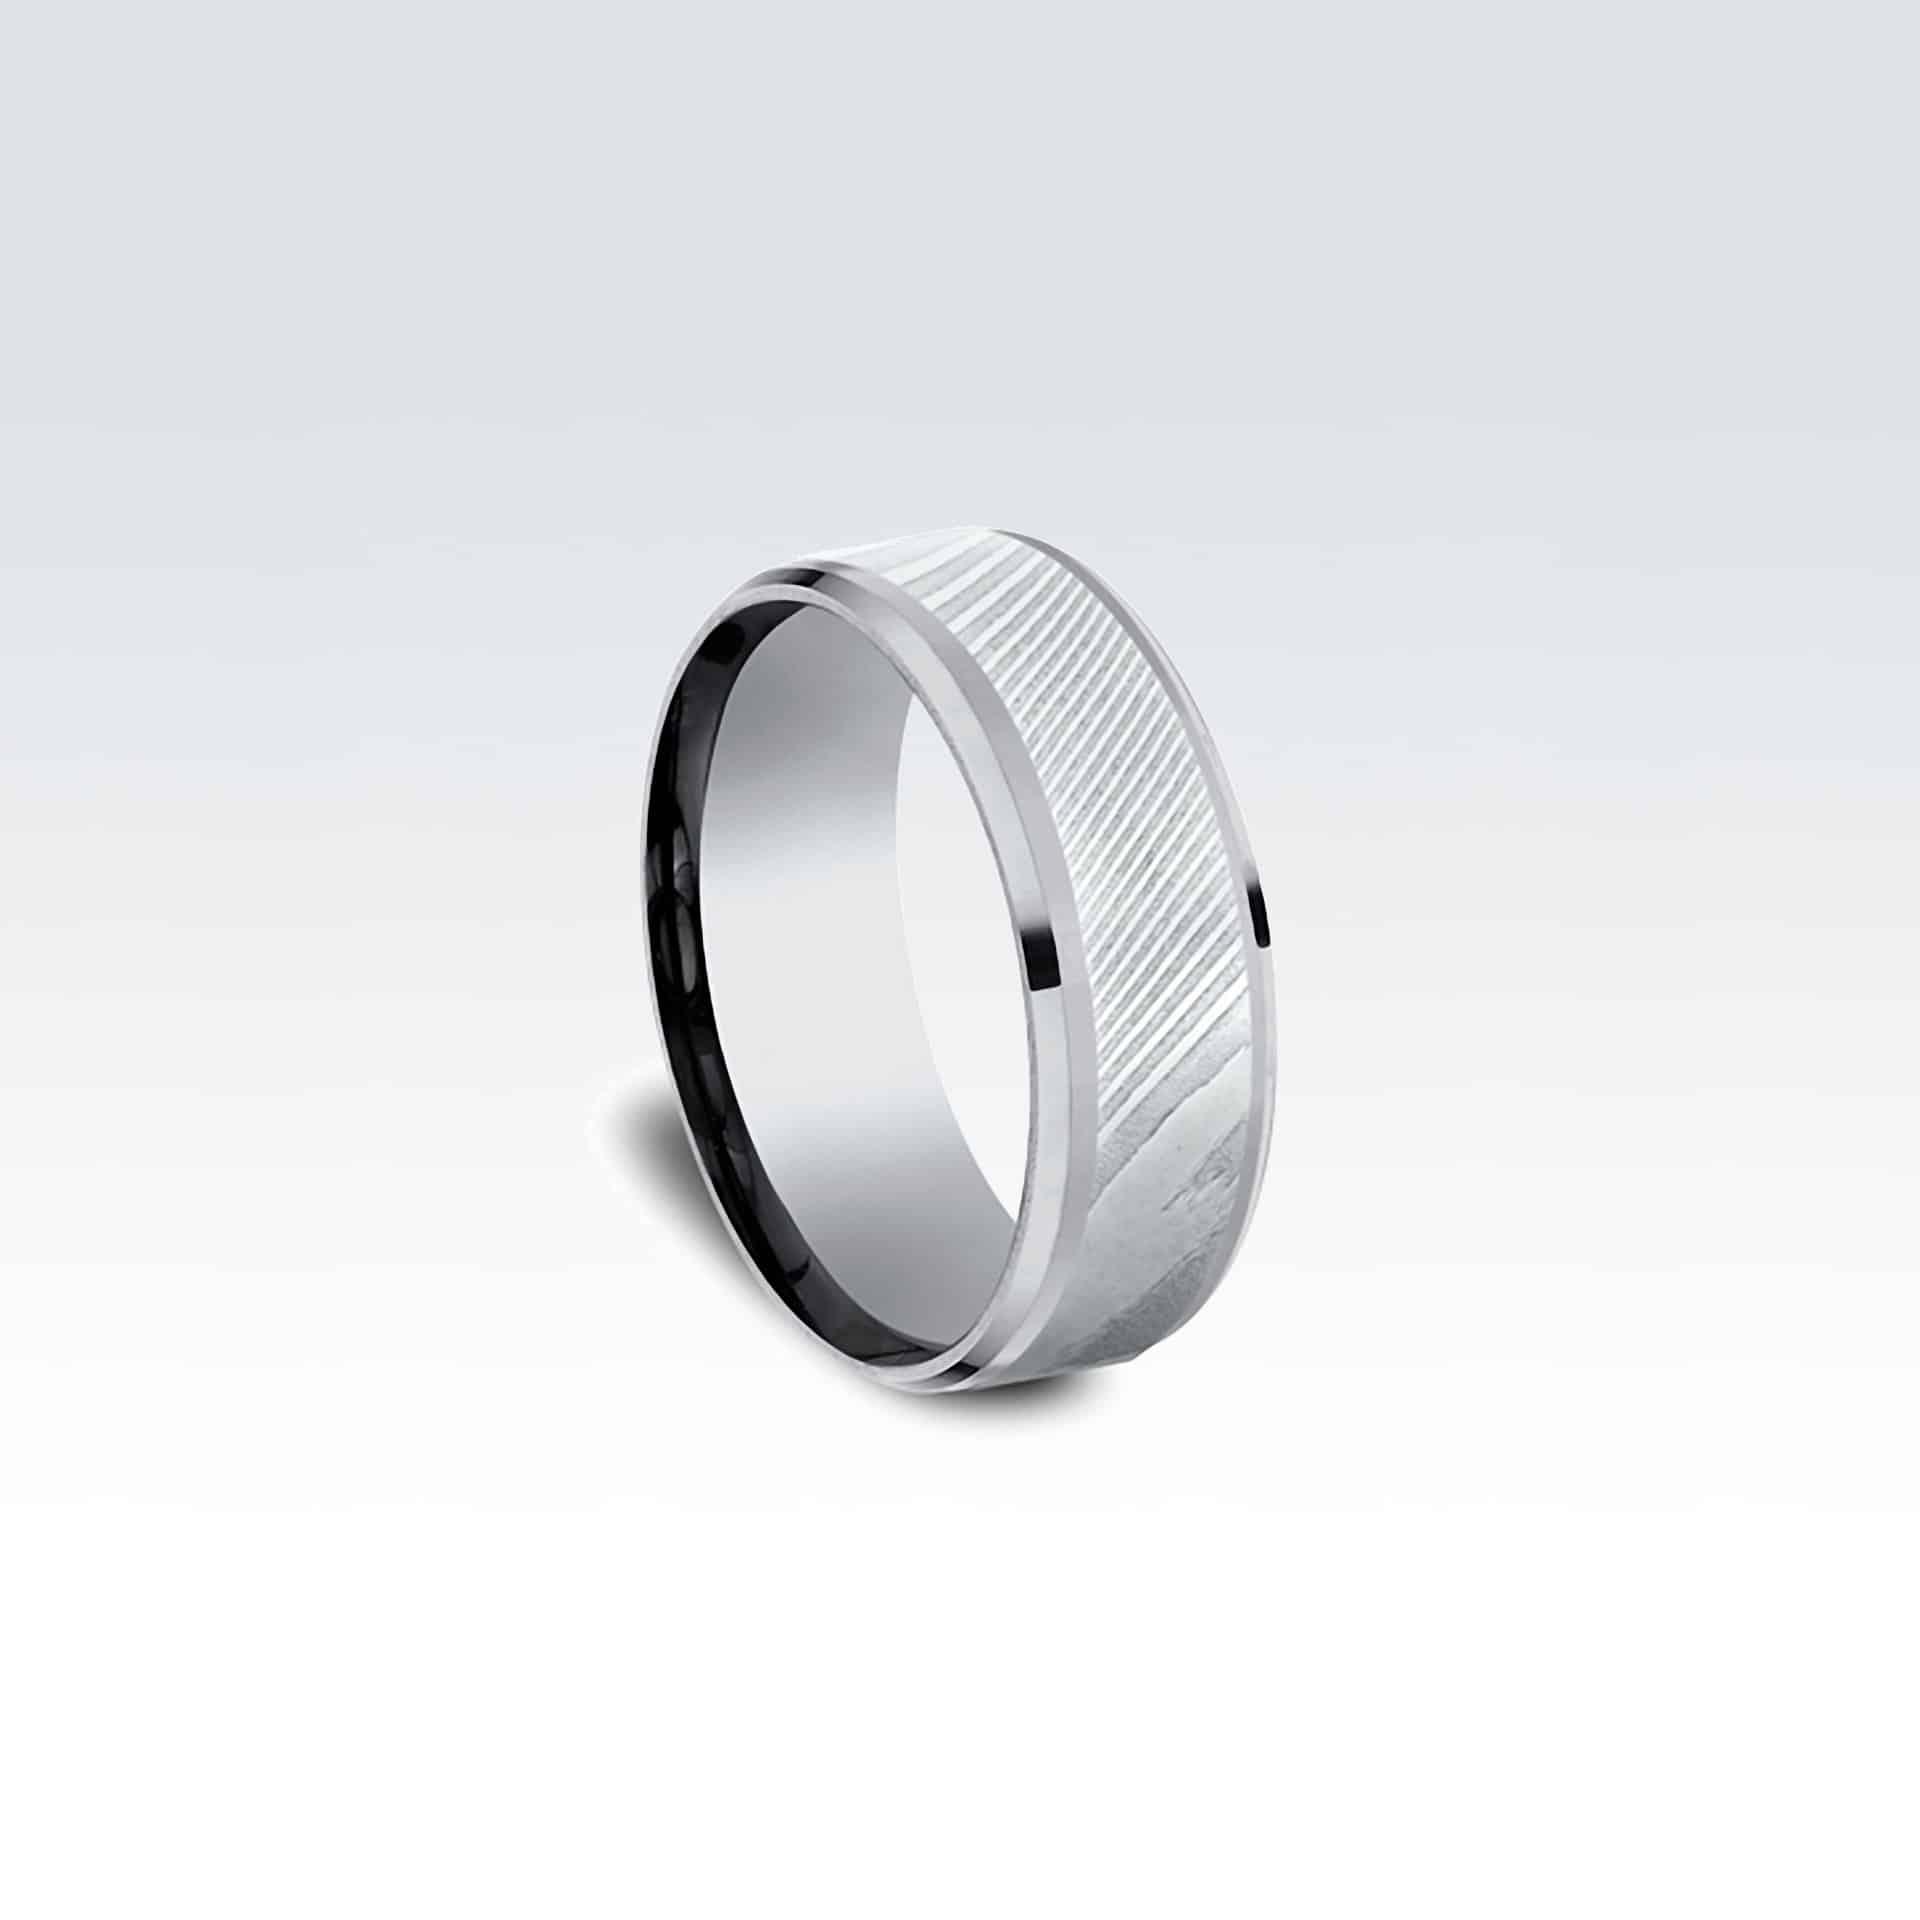 TANTALUM & DAMASCUS STEEL COMFORT-FIT DESIGN RING | Elie Design